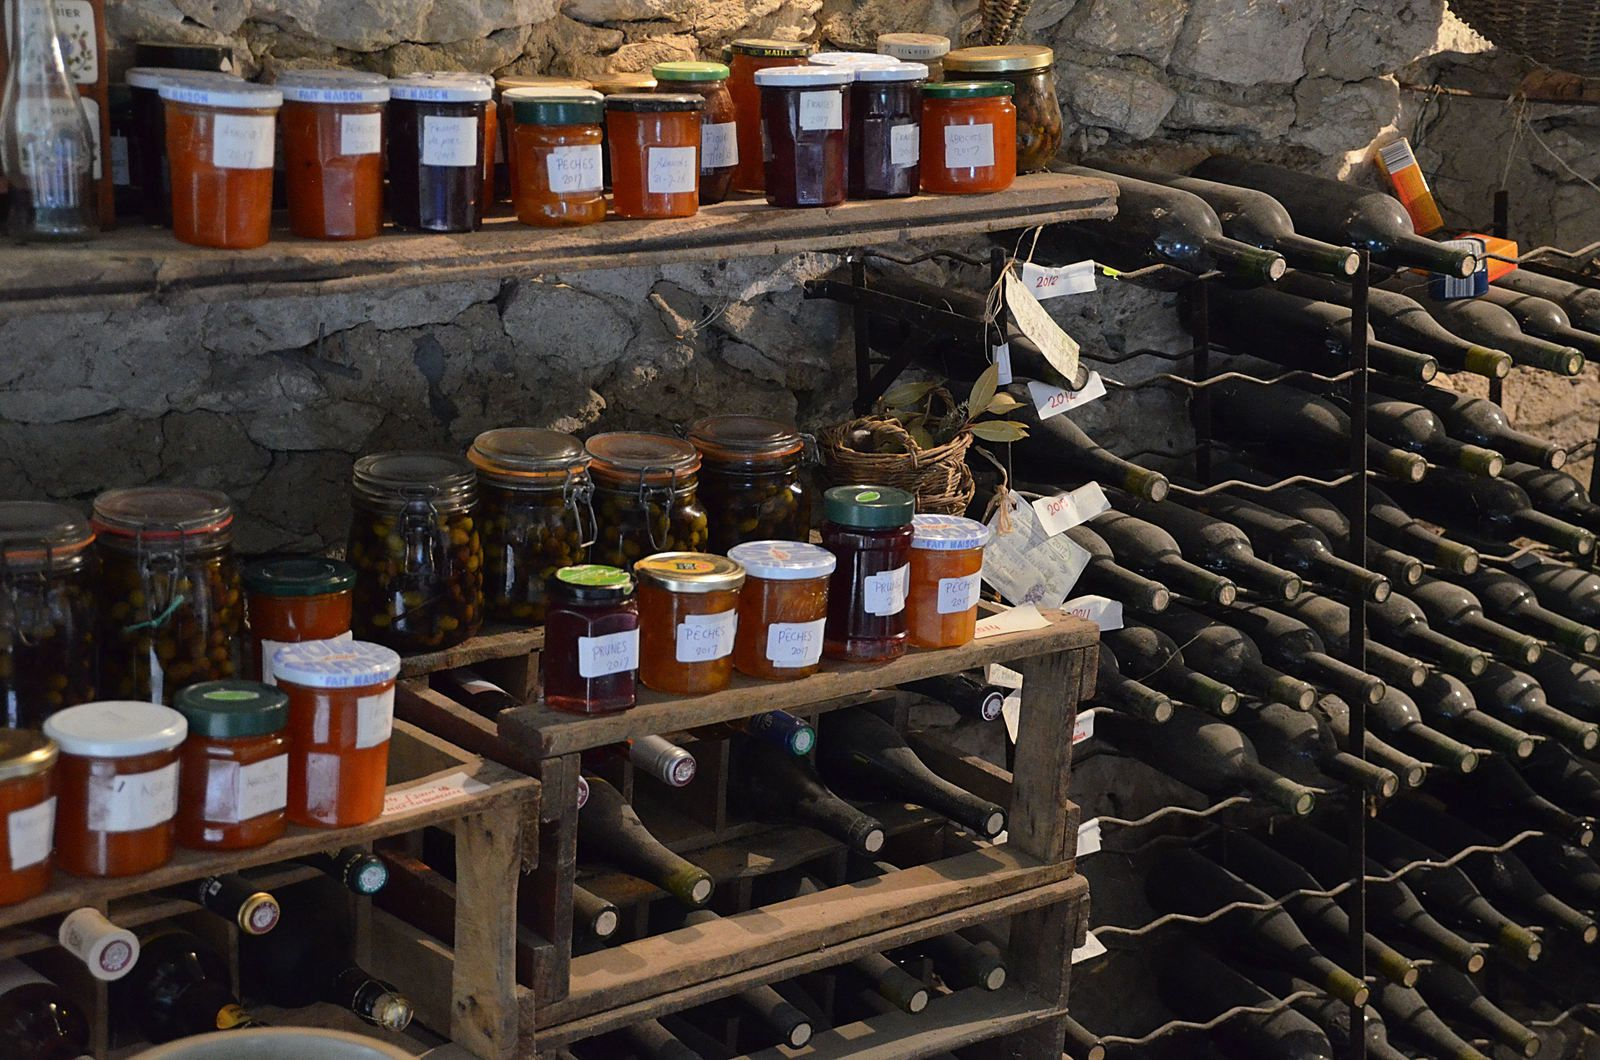 Domaine Les Cyprès - Atelier - Potager - Conserves